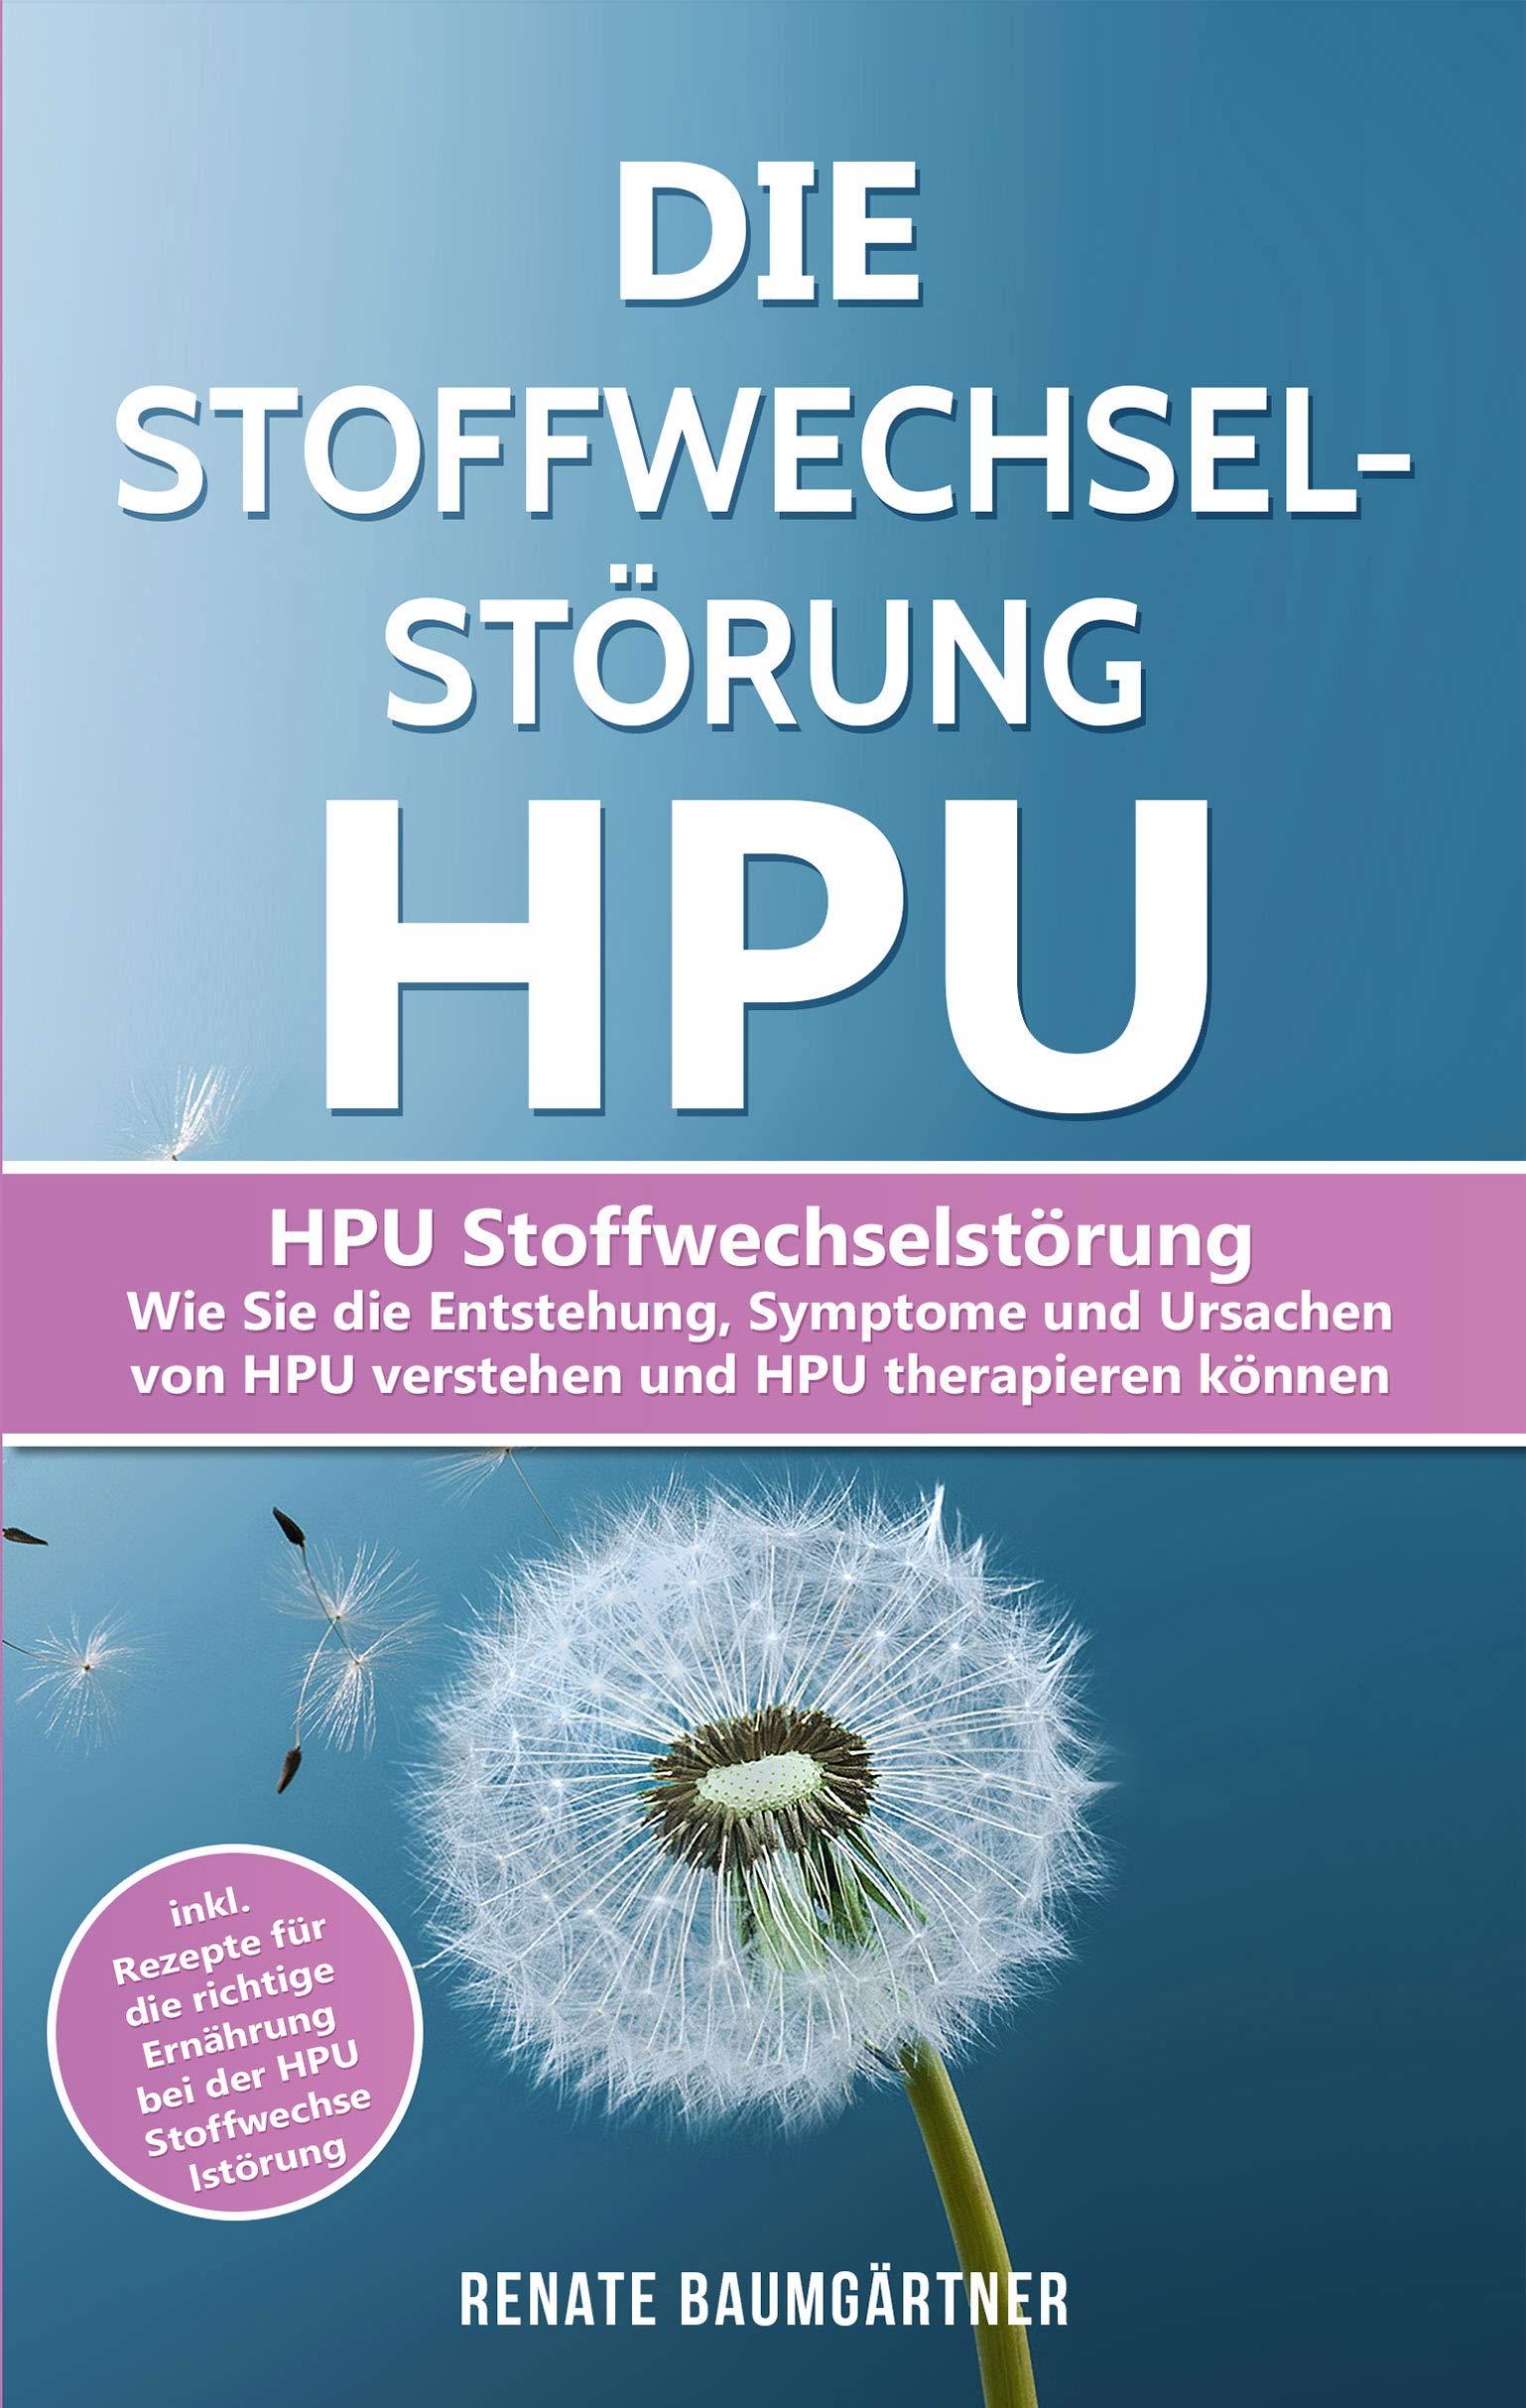 Die Stoffwechselstörung HPU  HPU Stoffwechselstörung   Wie Sie Die Entstehung Symptome Und Ursachen Von HPU Verstehen Und HPU Therapieren Können  HPU Buch 1